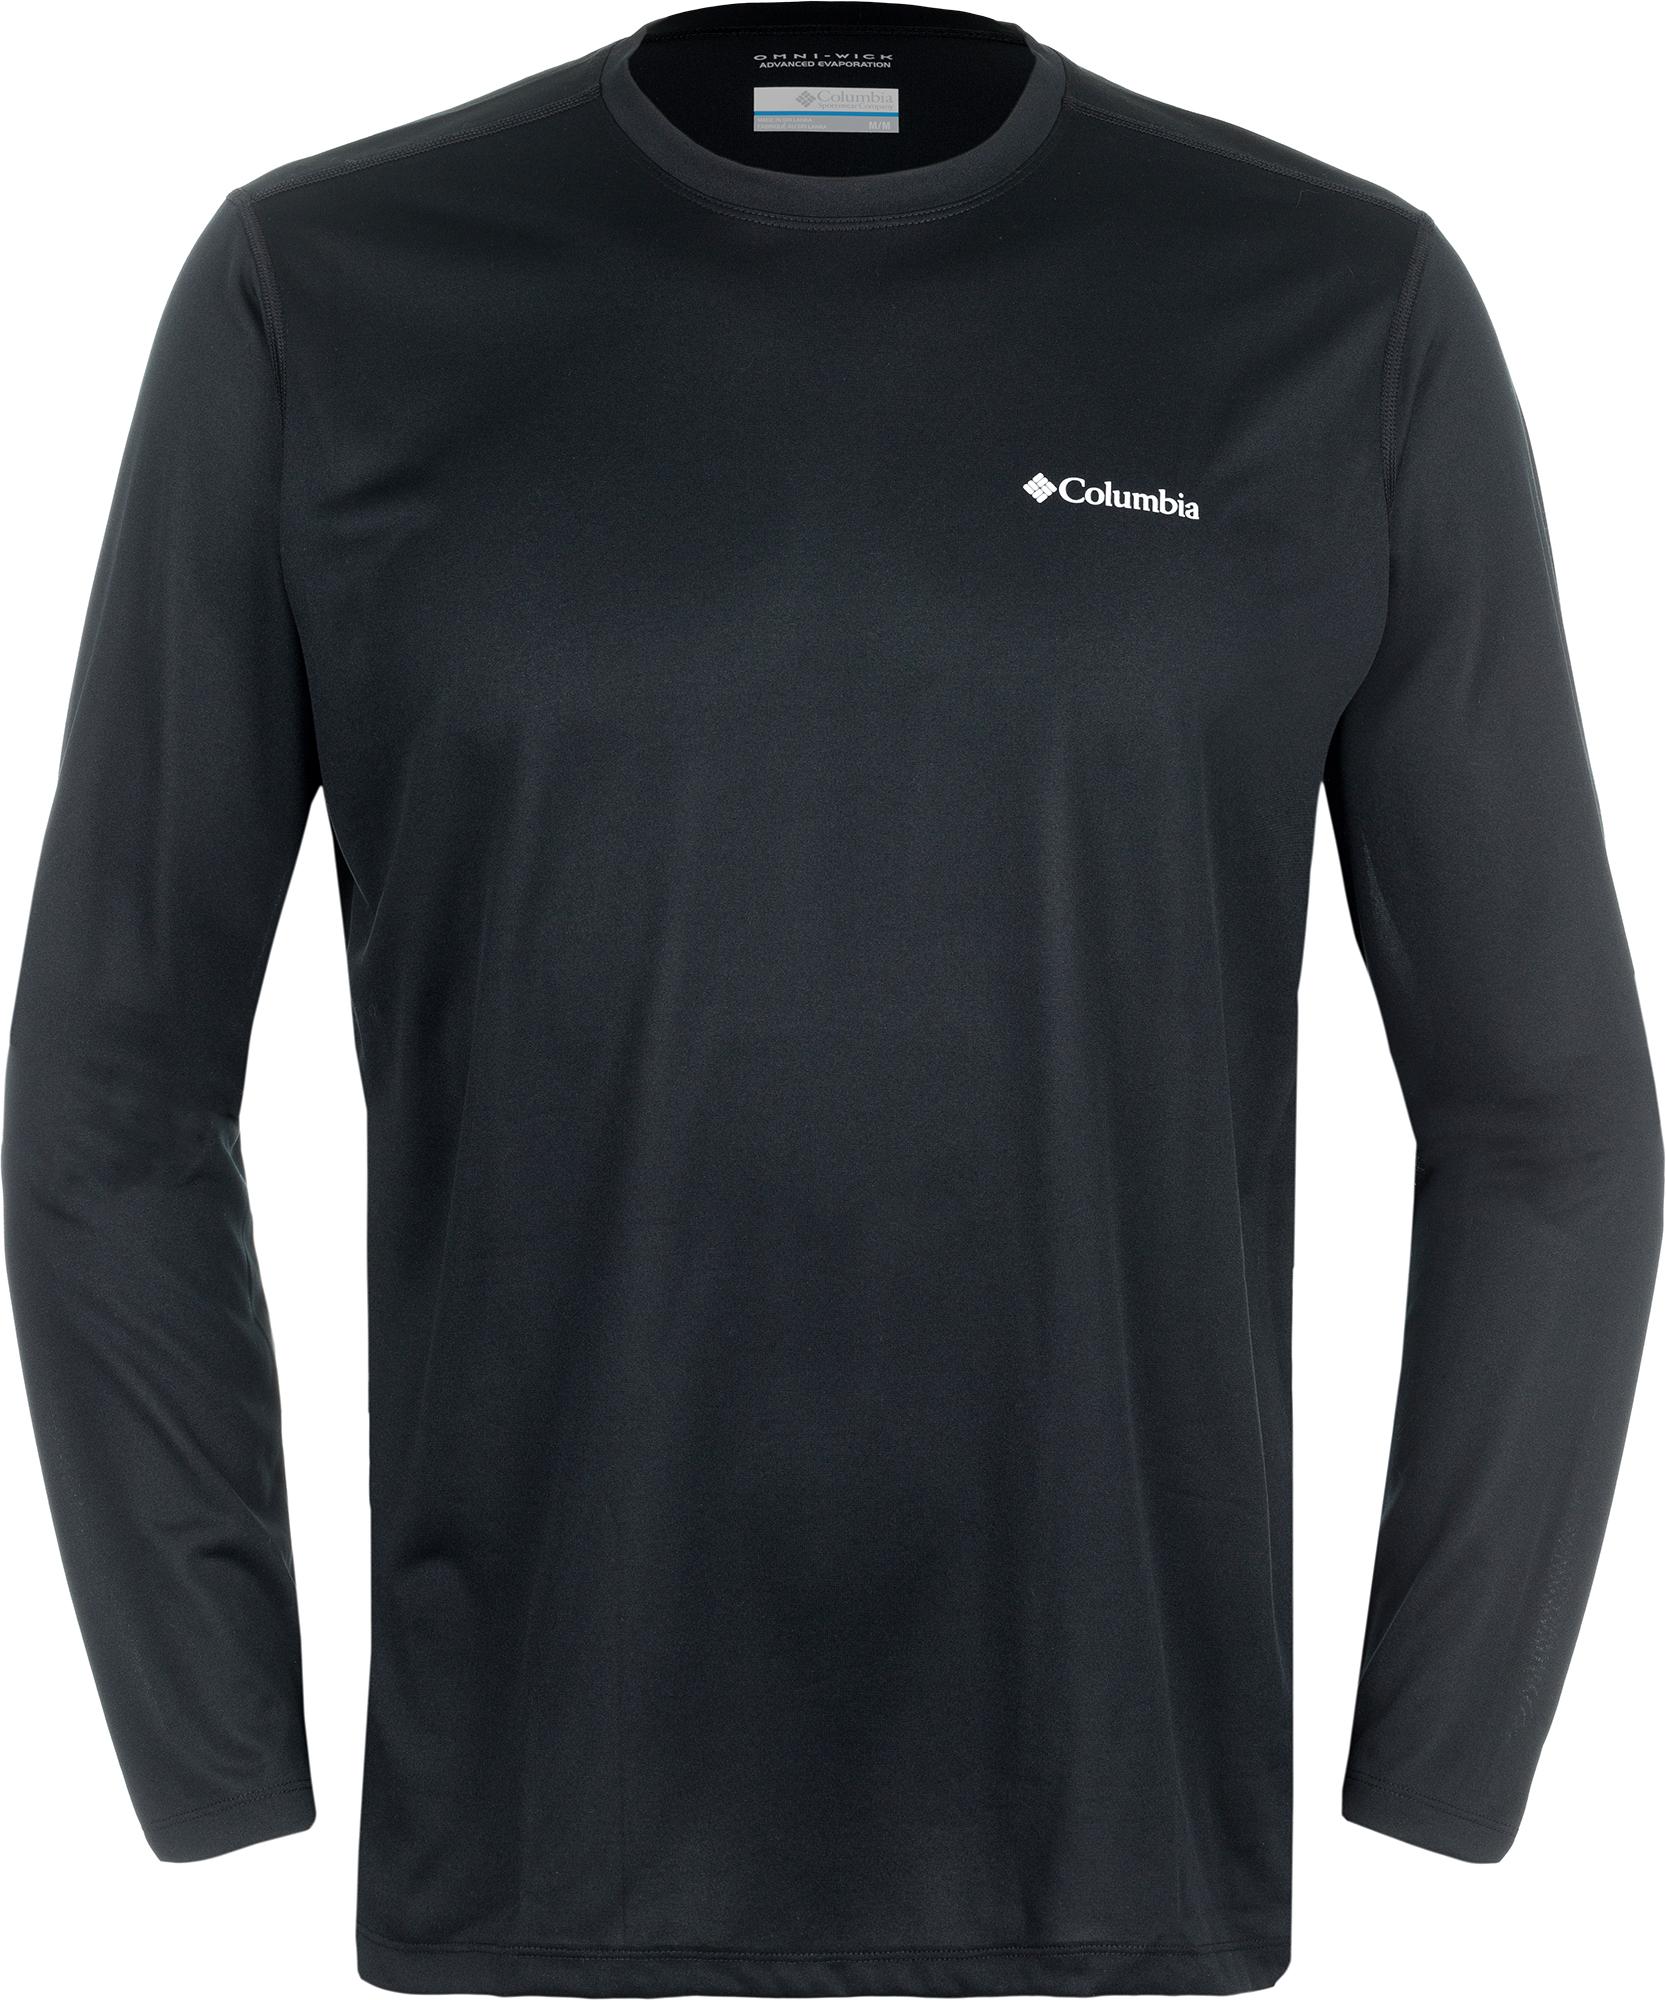 Columbia Футболка с длинным рукавом мужская Columbia Tech Trek columbia рубашка с длинным рукавом мужская columbia boulder ridge